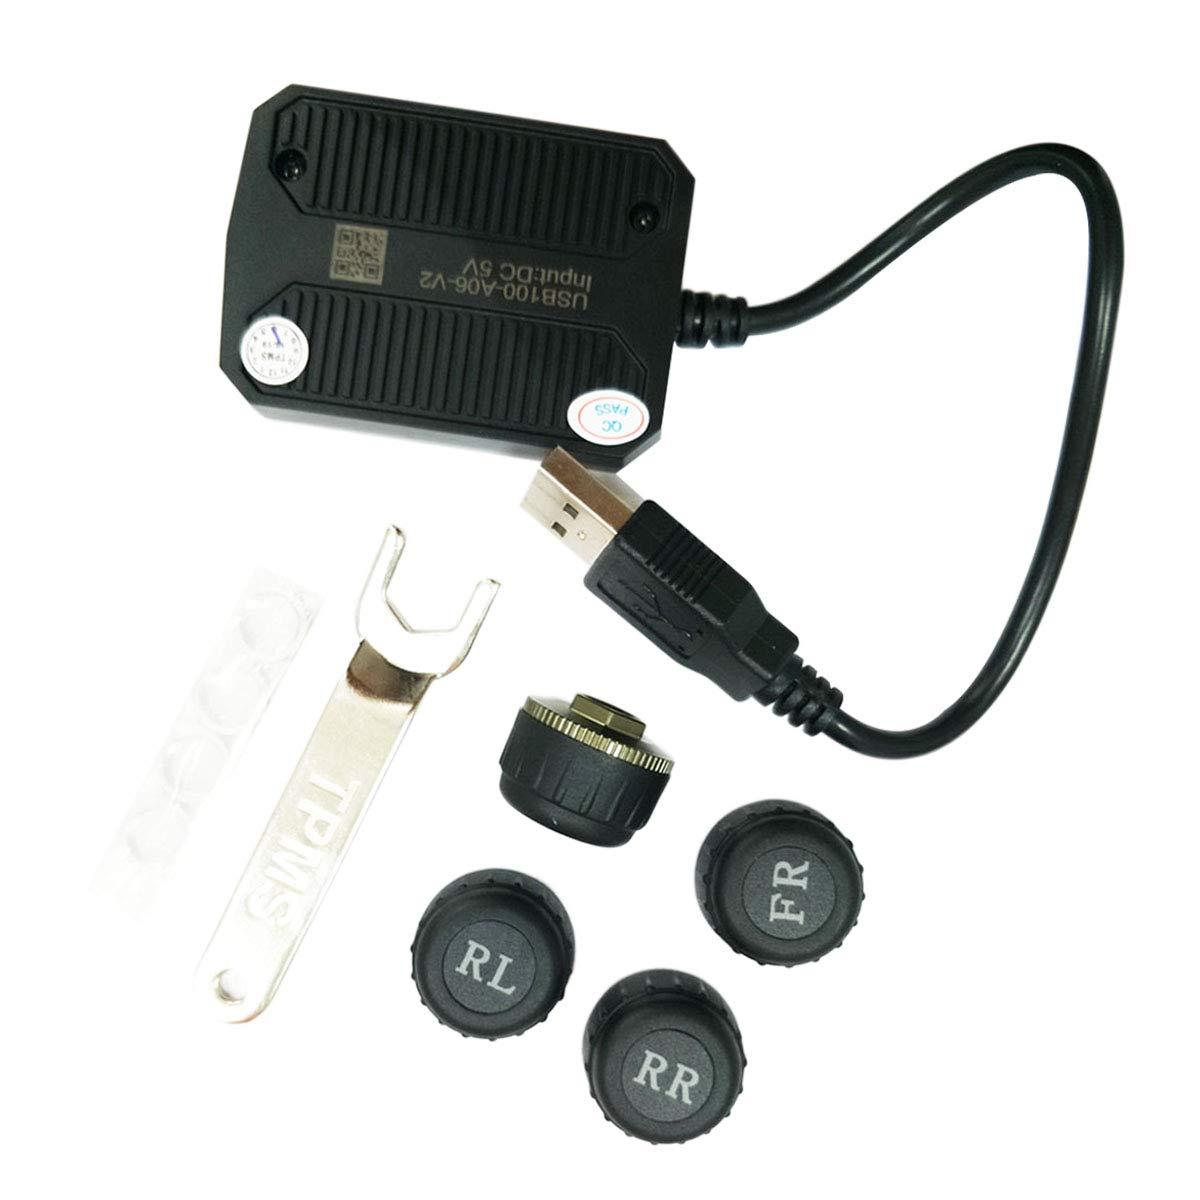 ATOTO AC-UTP1 USB TPMS Pneu Pression Surveillance Systè me de capteurs Spé cifié e pour A6/A6y